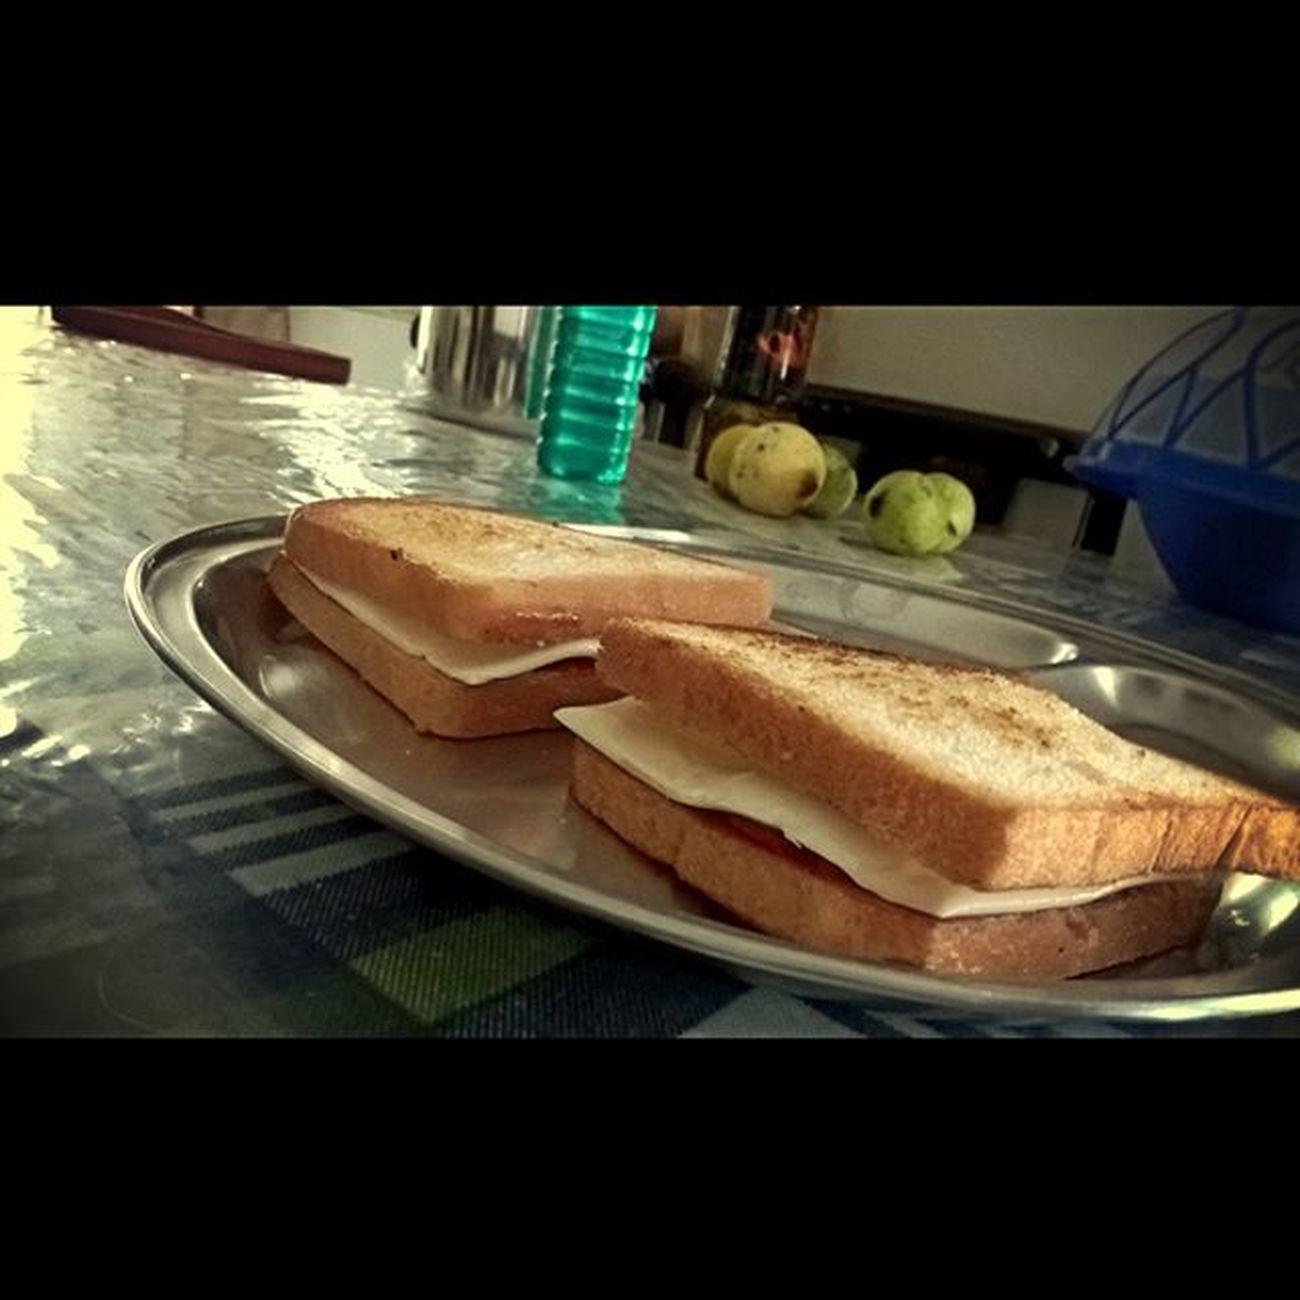 Homemade Sandwich Yum Bestsandwicheva :D